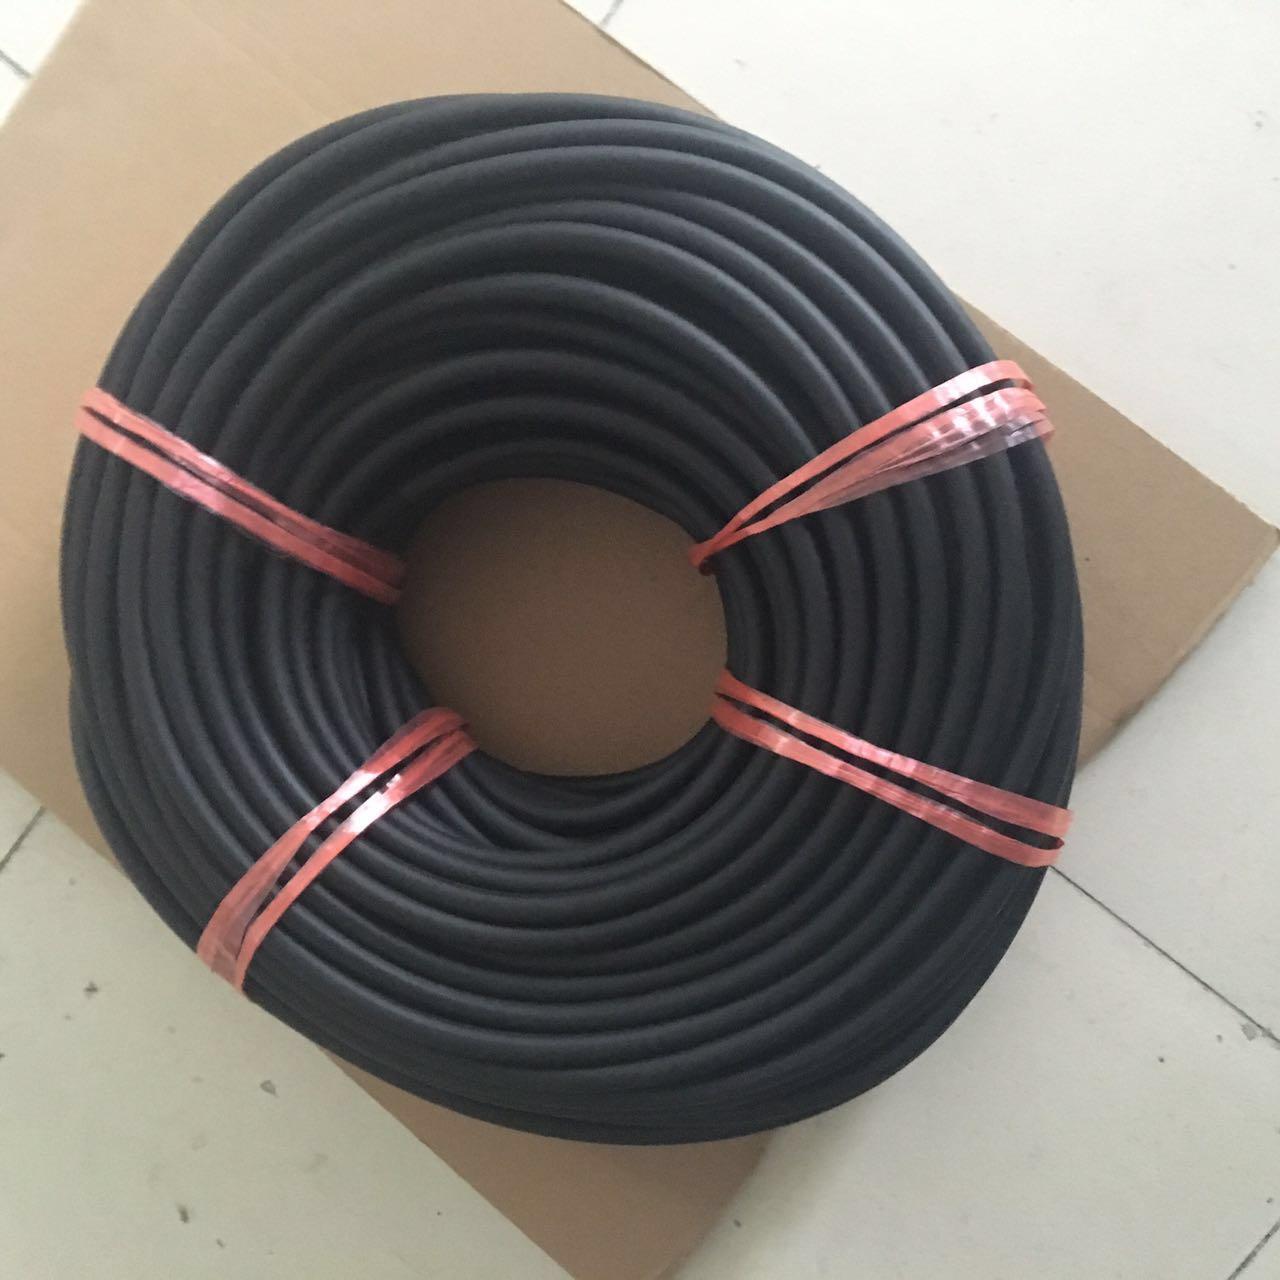 oring cord